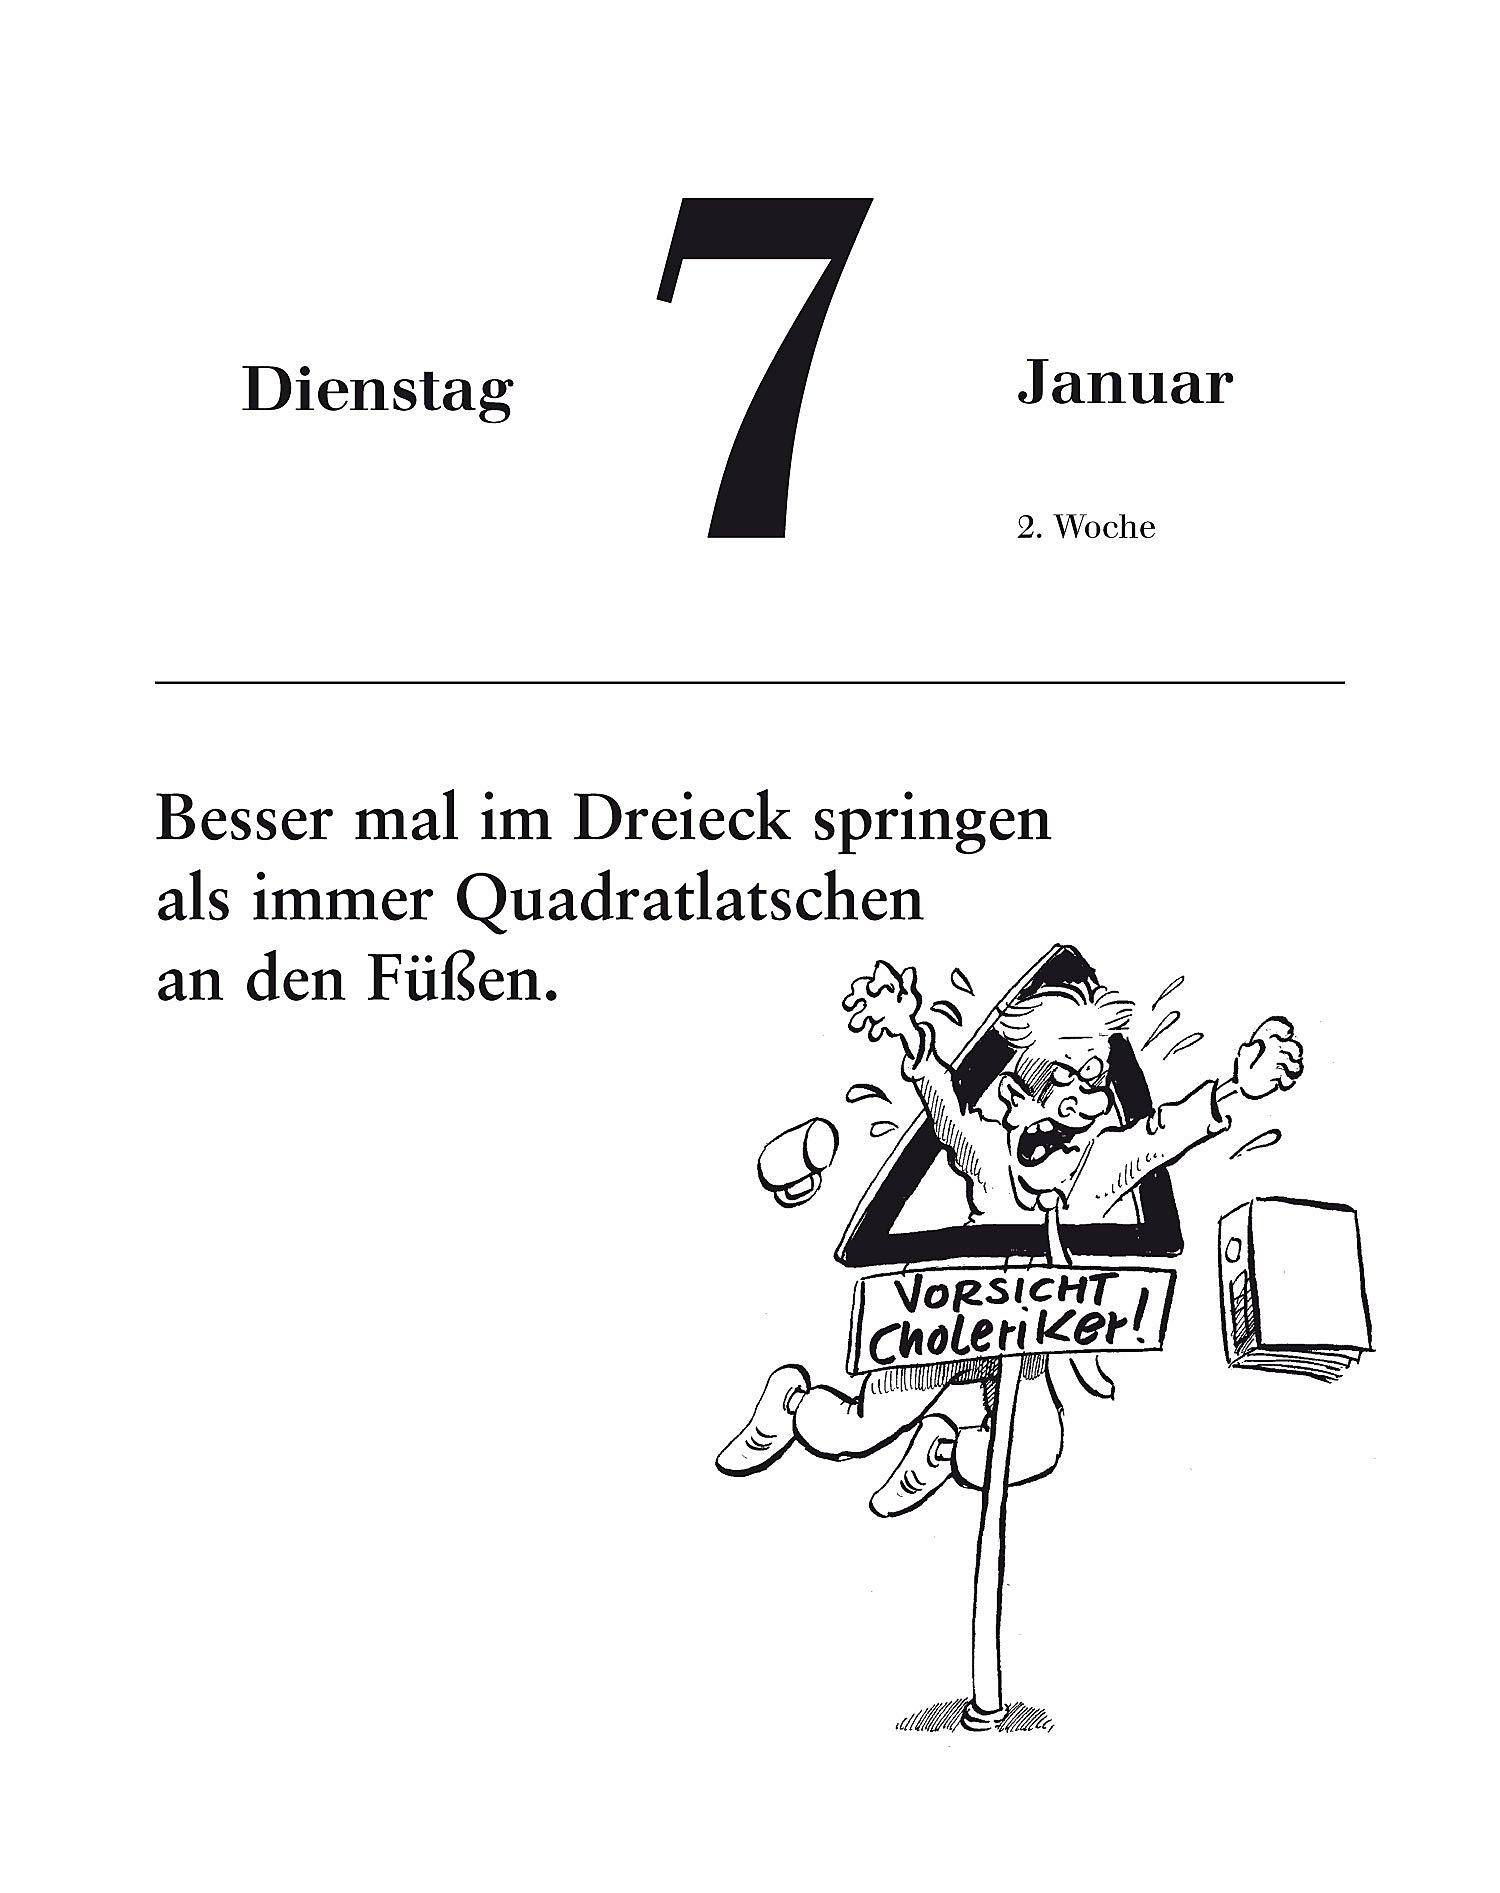 2014 Lustige Spruche.Abreisskalender Spruche 2014 Kalender Bei Weltbild Ch